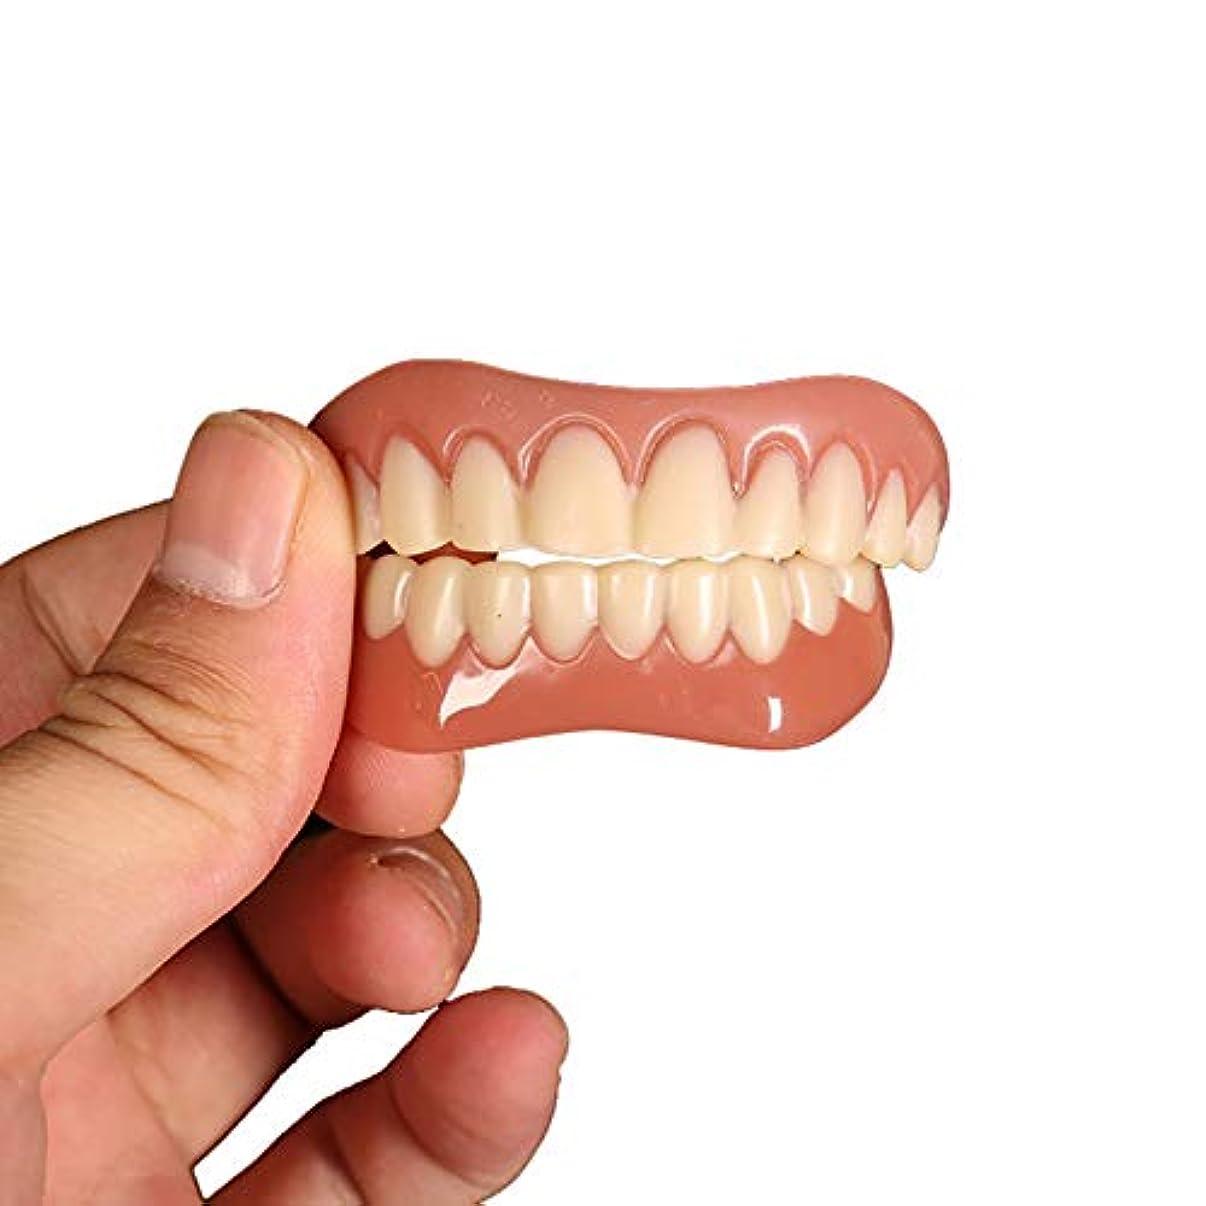 ジーンズキャプテン慣性2対歯科用ベニア快適なフィット歯のトップとボトム化粧品のベニヤワンサイズフィットすべての義歯接着剤歯偽義歯歯笑顔